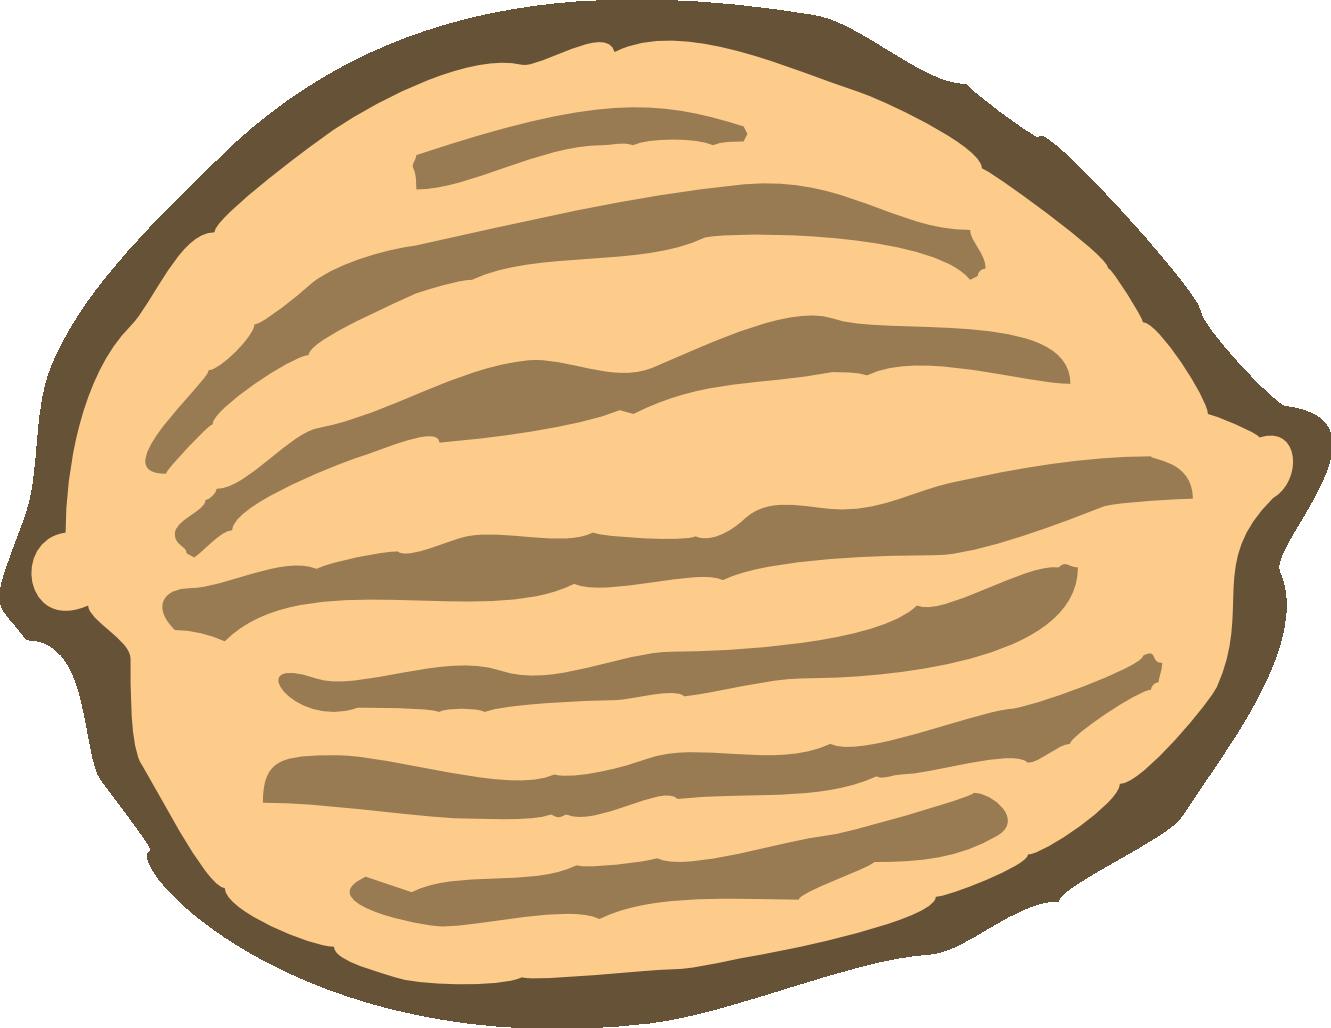 Nut Clip Art - Walnut Clipart